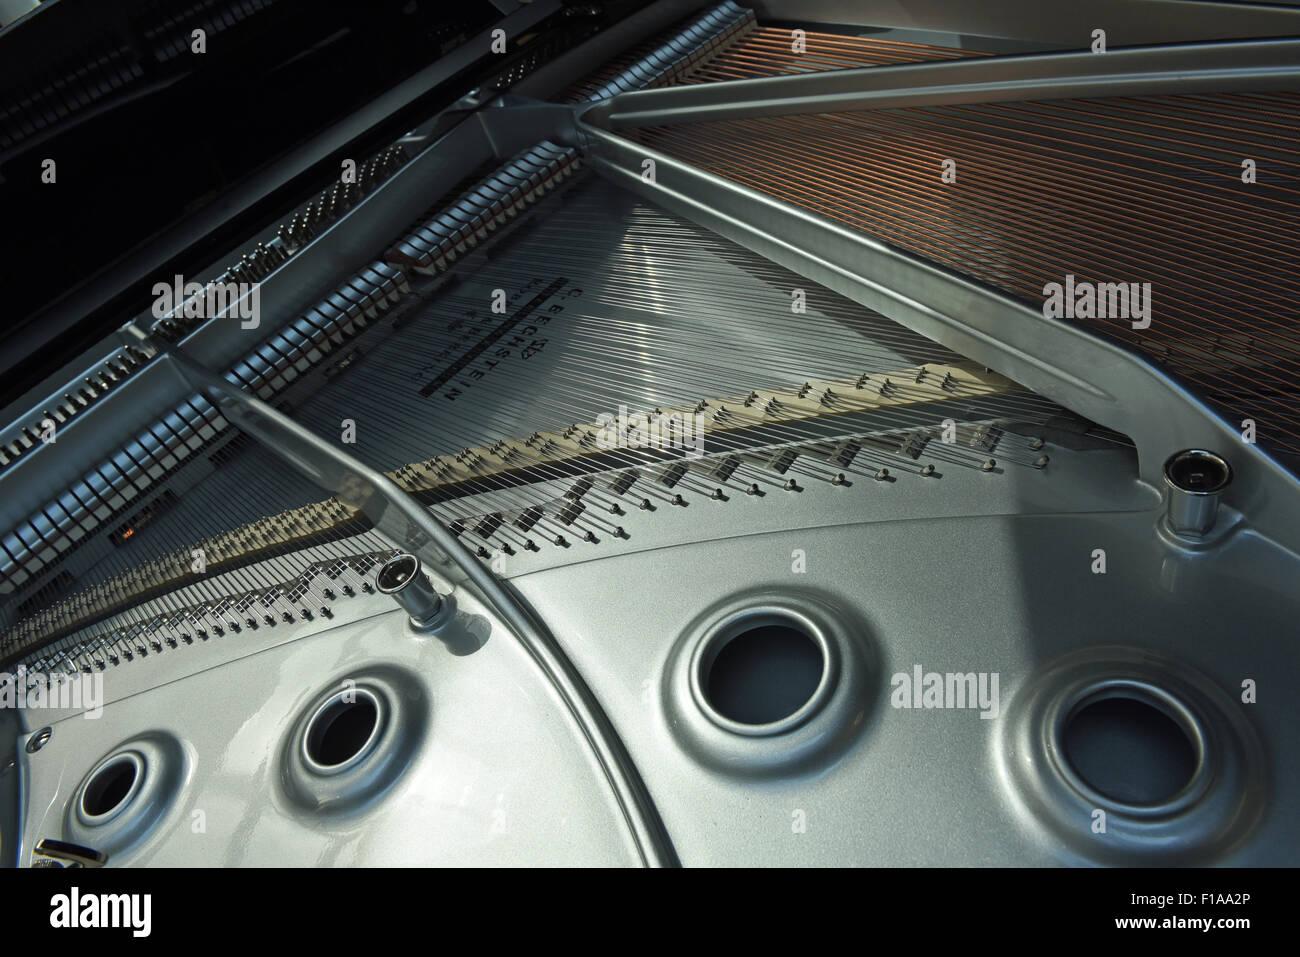 Bechstein Piano Stockfotos & Bechstein Piano Bilder - Alamy